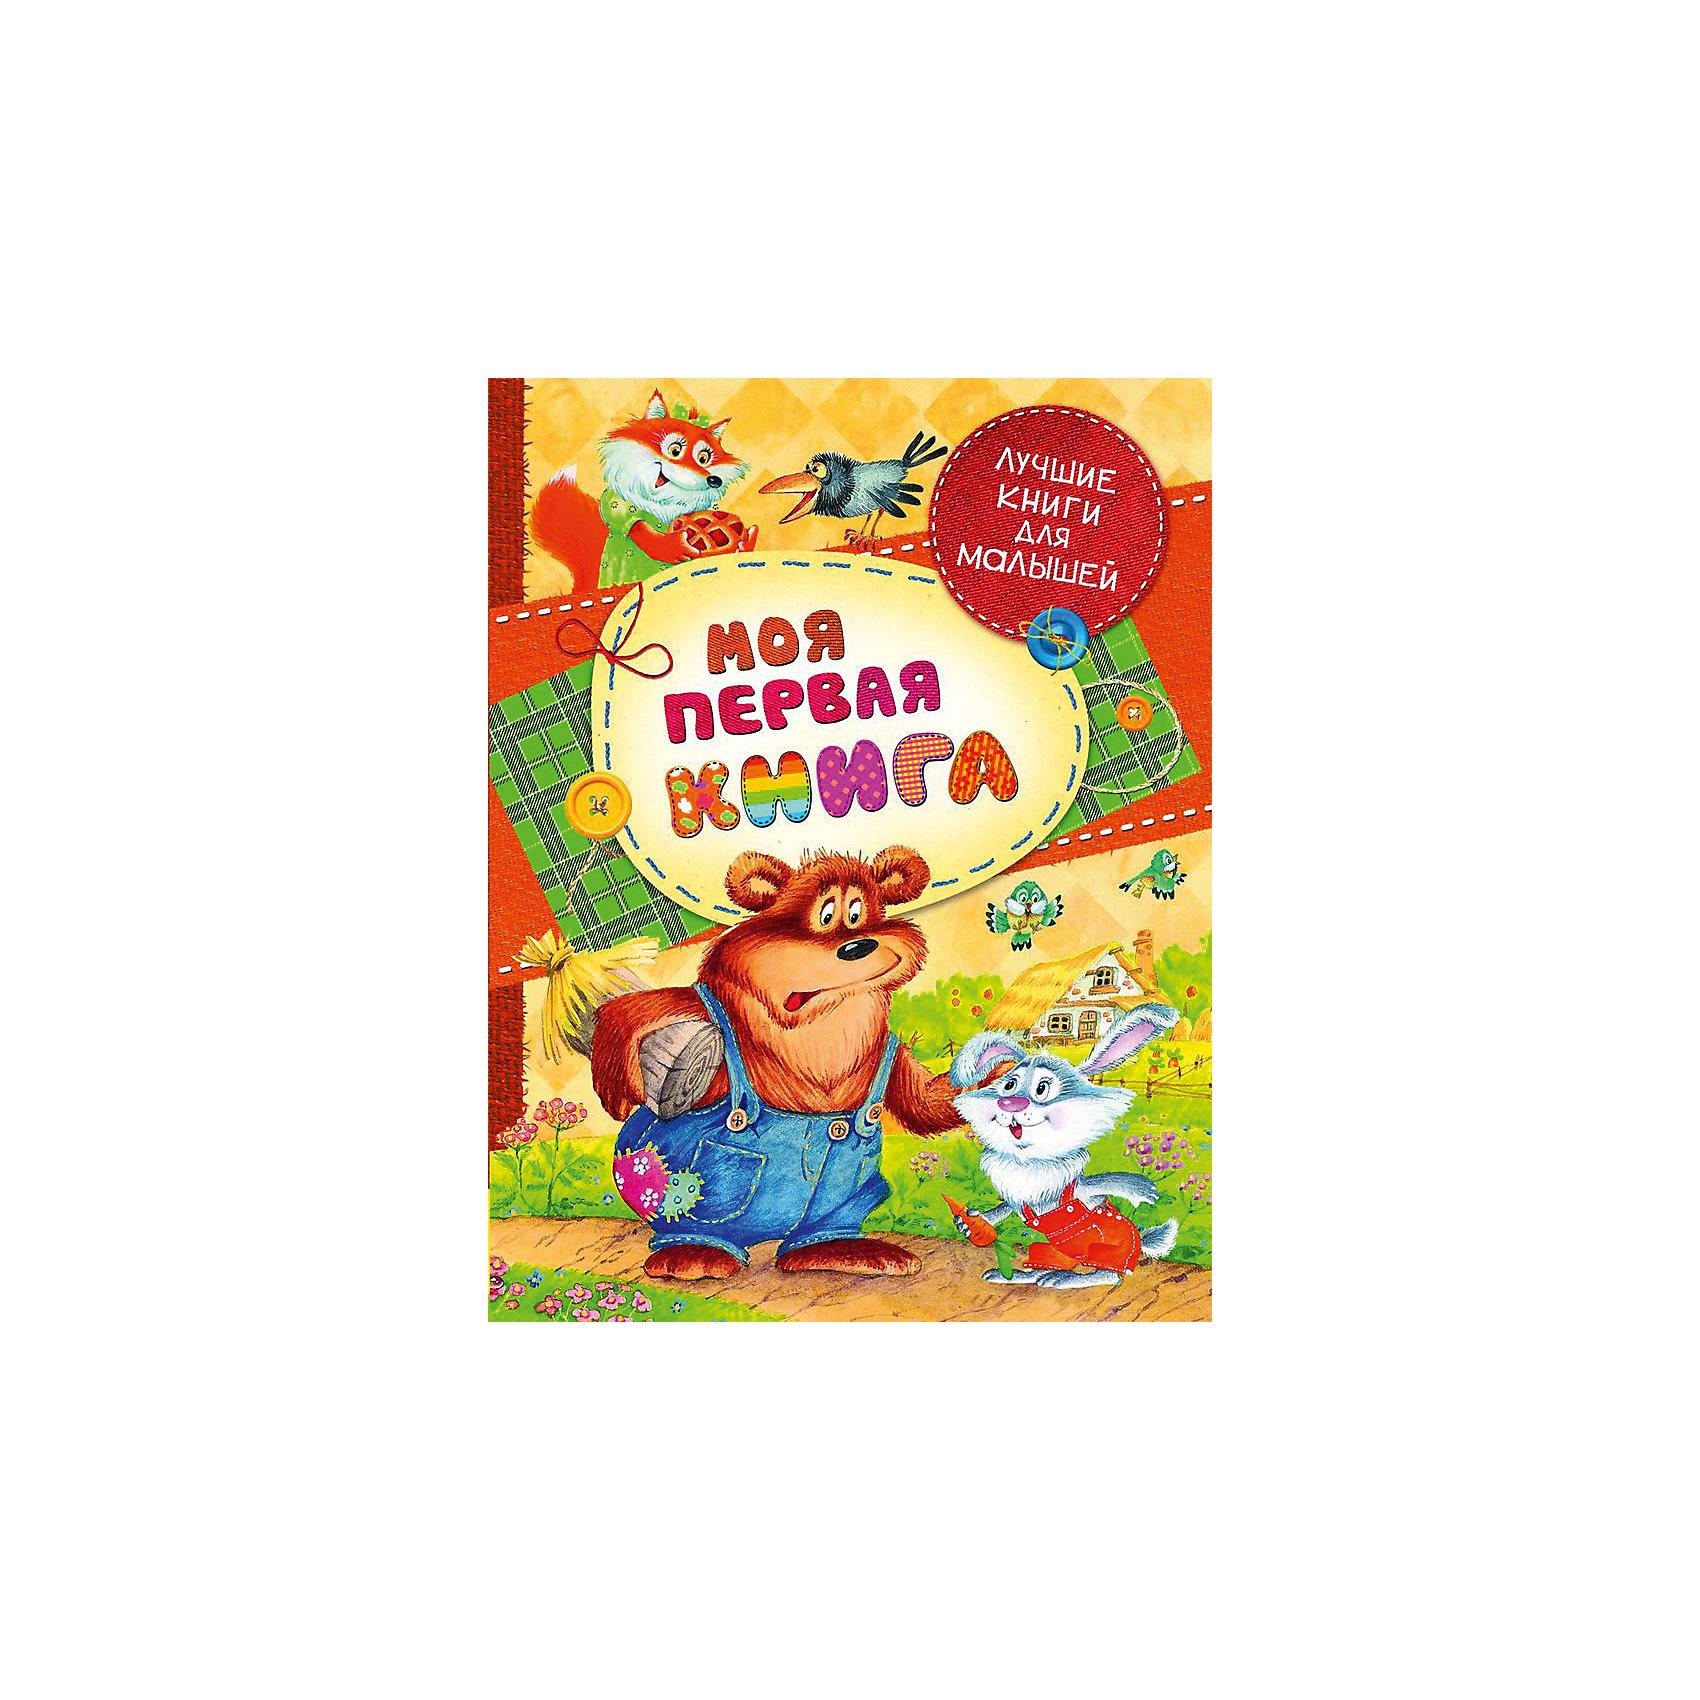 Росмэн Сборник Моя первая книга, Лучшие книги для малышей камилла де ла бедуайер луис комфорт тиффани лучшие произведения